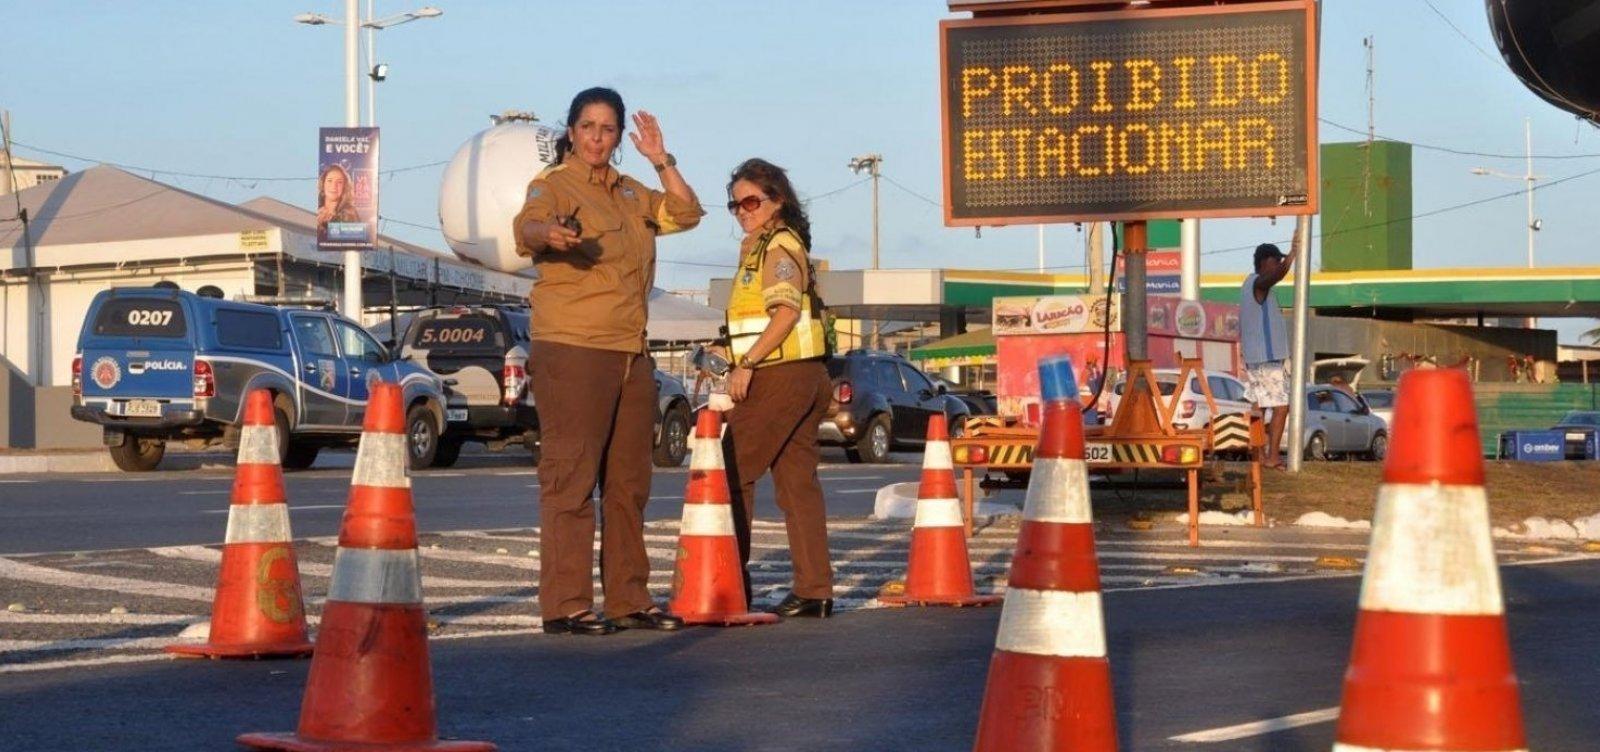 Eventos alteram o tráfego de veículos em Salvador no feriadão